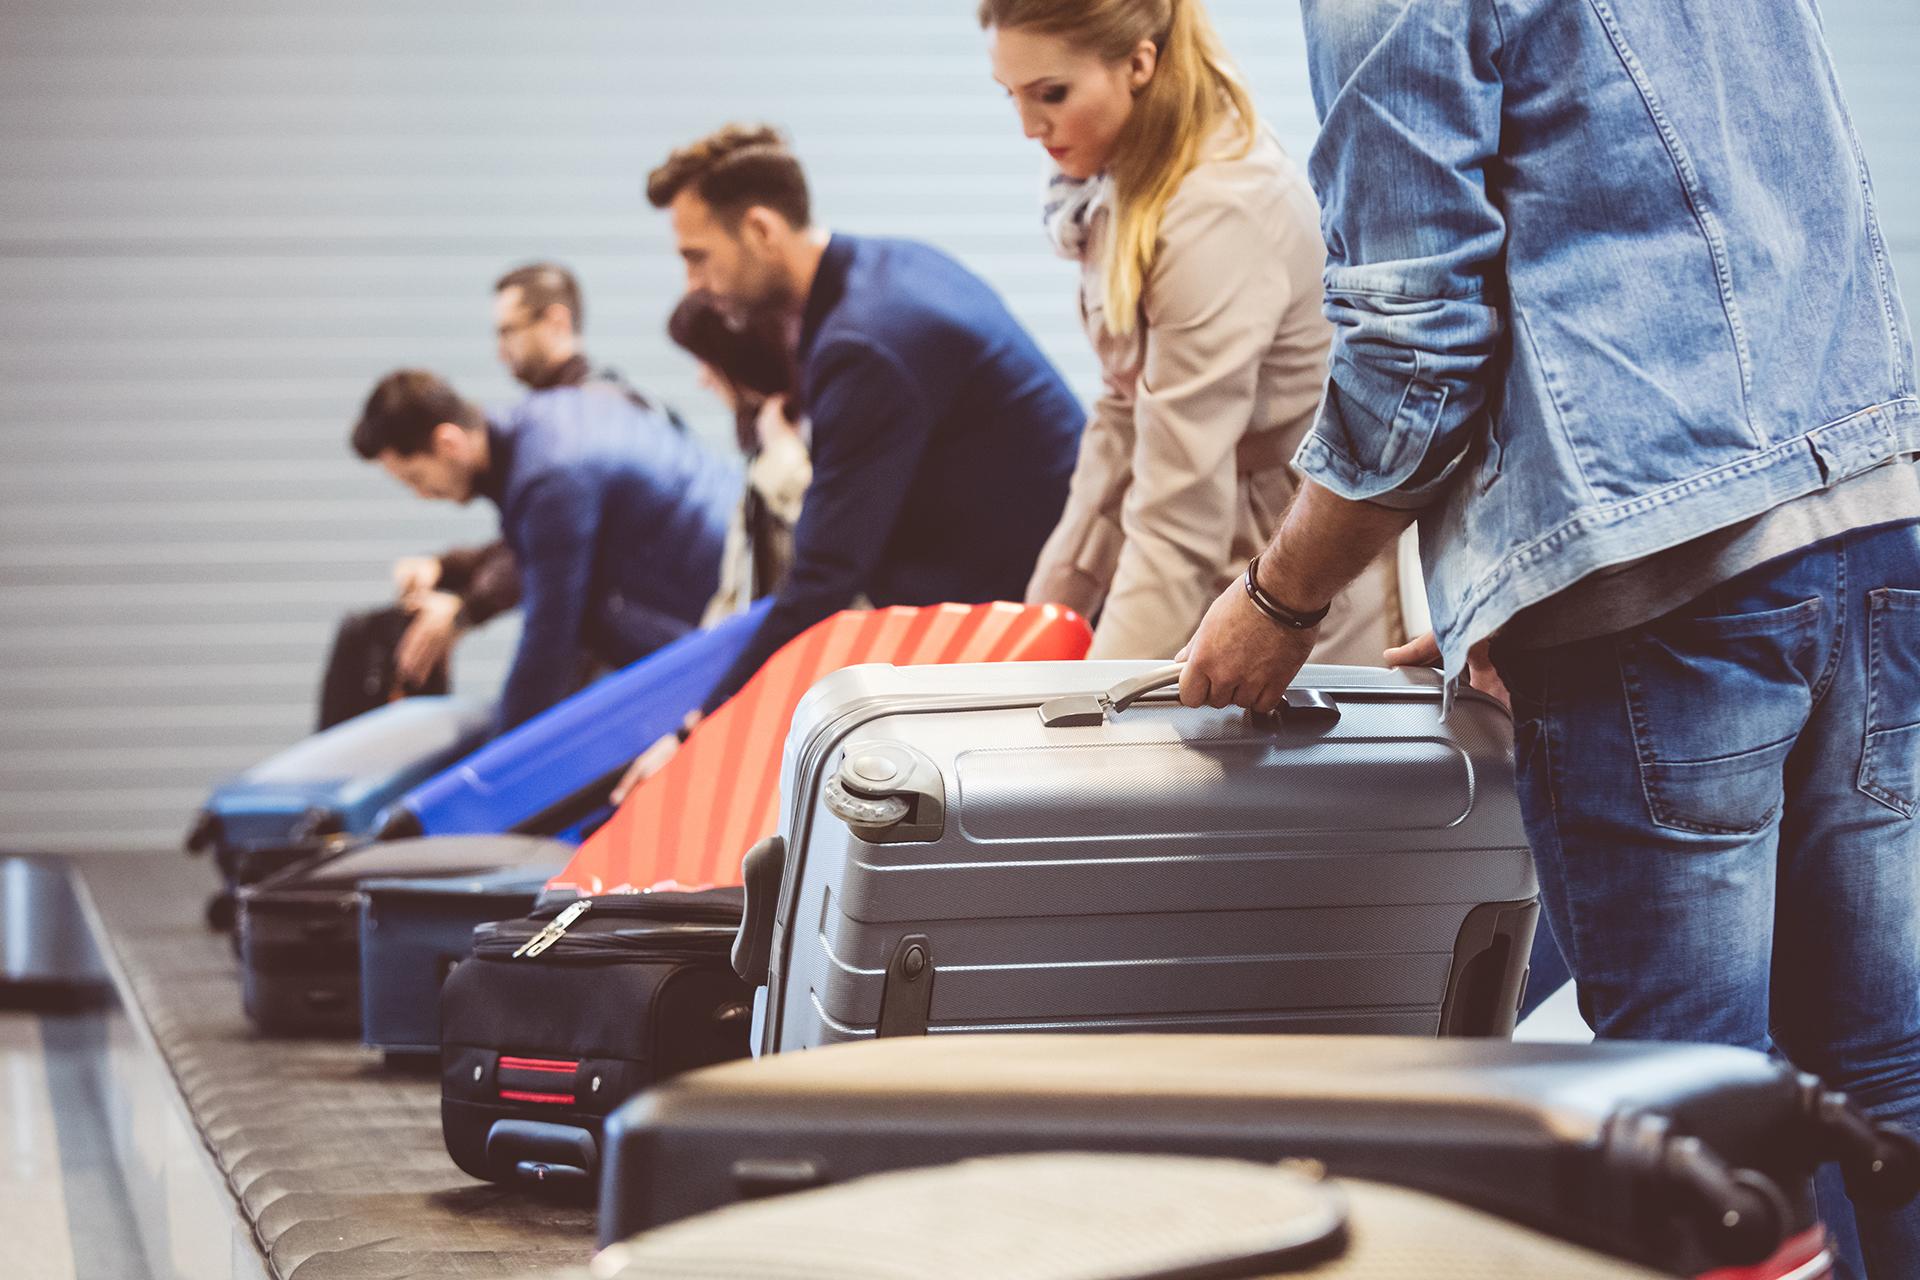 American Airlines modifica política de equipaje facturado